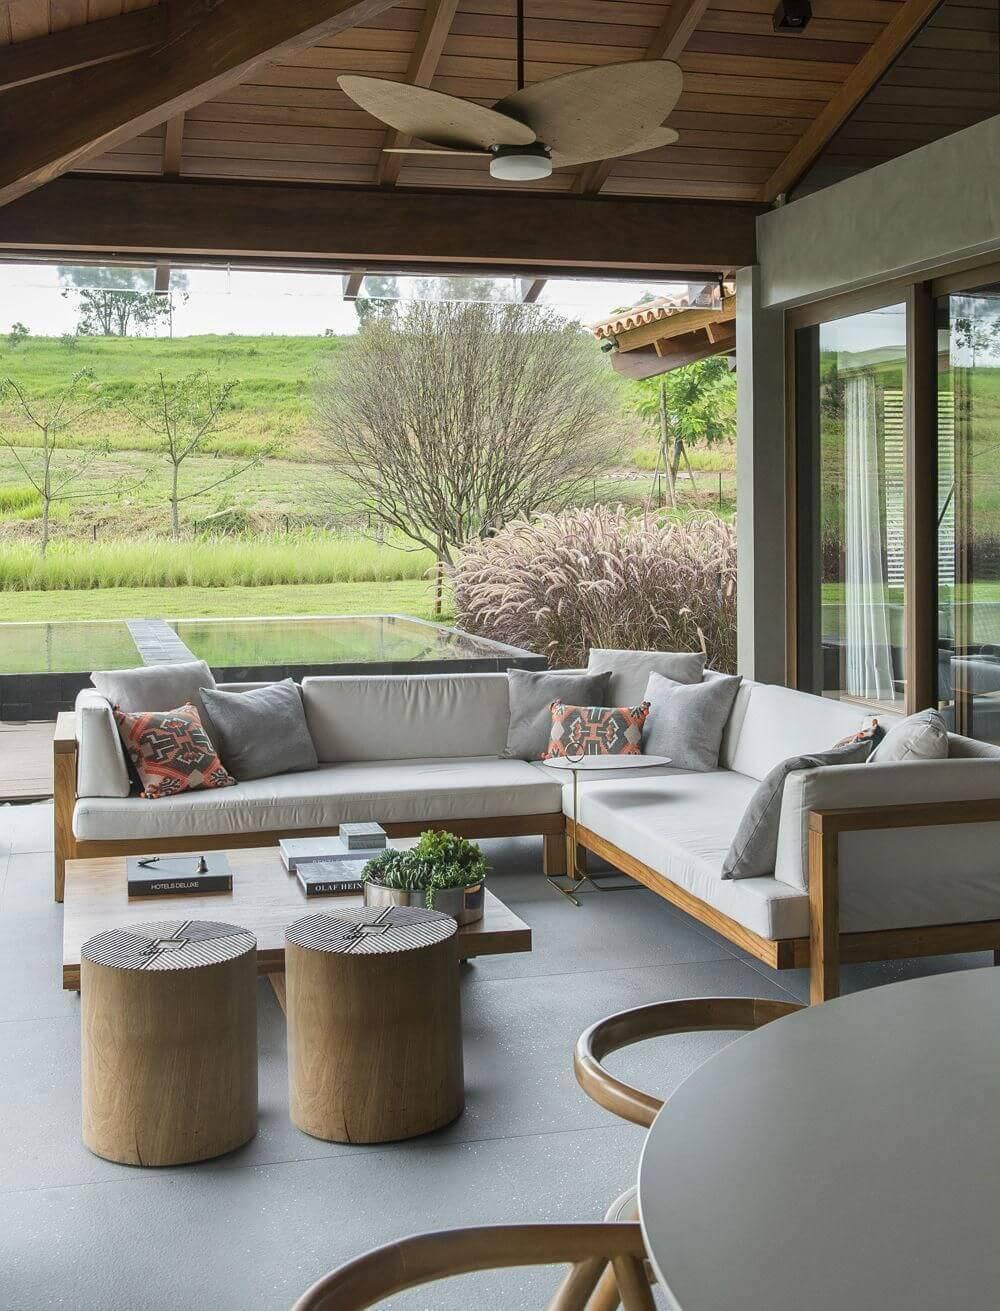 70 modelos de casas de campo para inspirar voc for Casas con piscina interior fotos